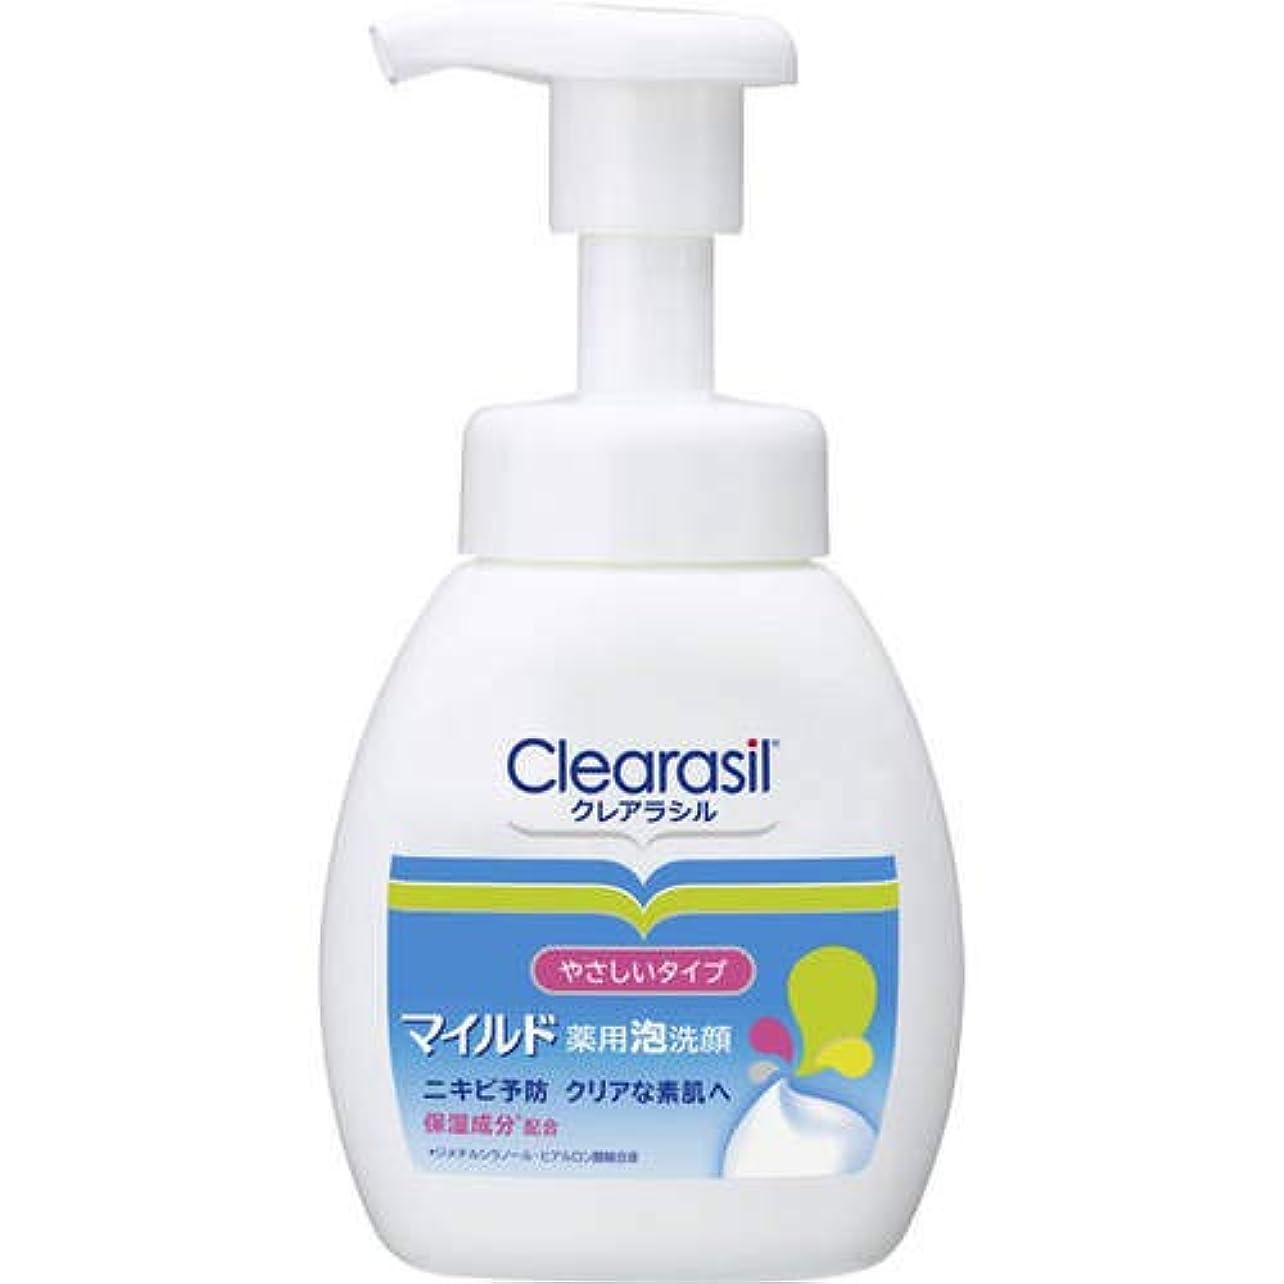 ノーブル後方ごめんなさいクレアラシル 薬用泡洗顔フォーム マイルドタイプ 200ml